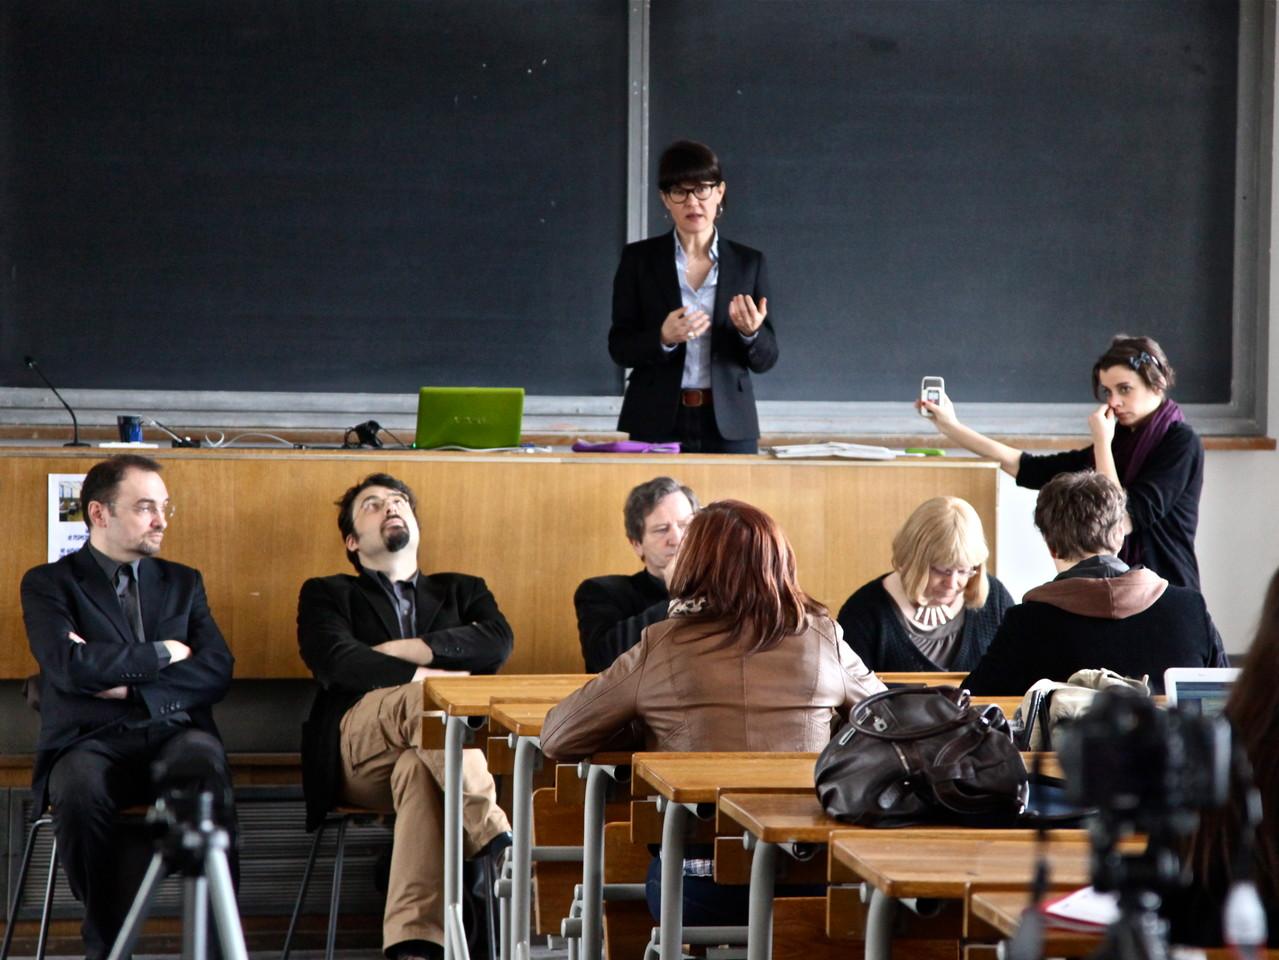 Les Imaginales - conférence à l'Université de Lorraine 2012